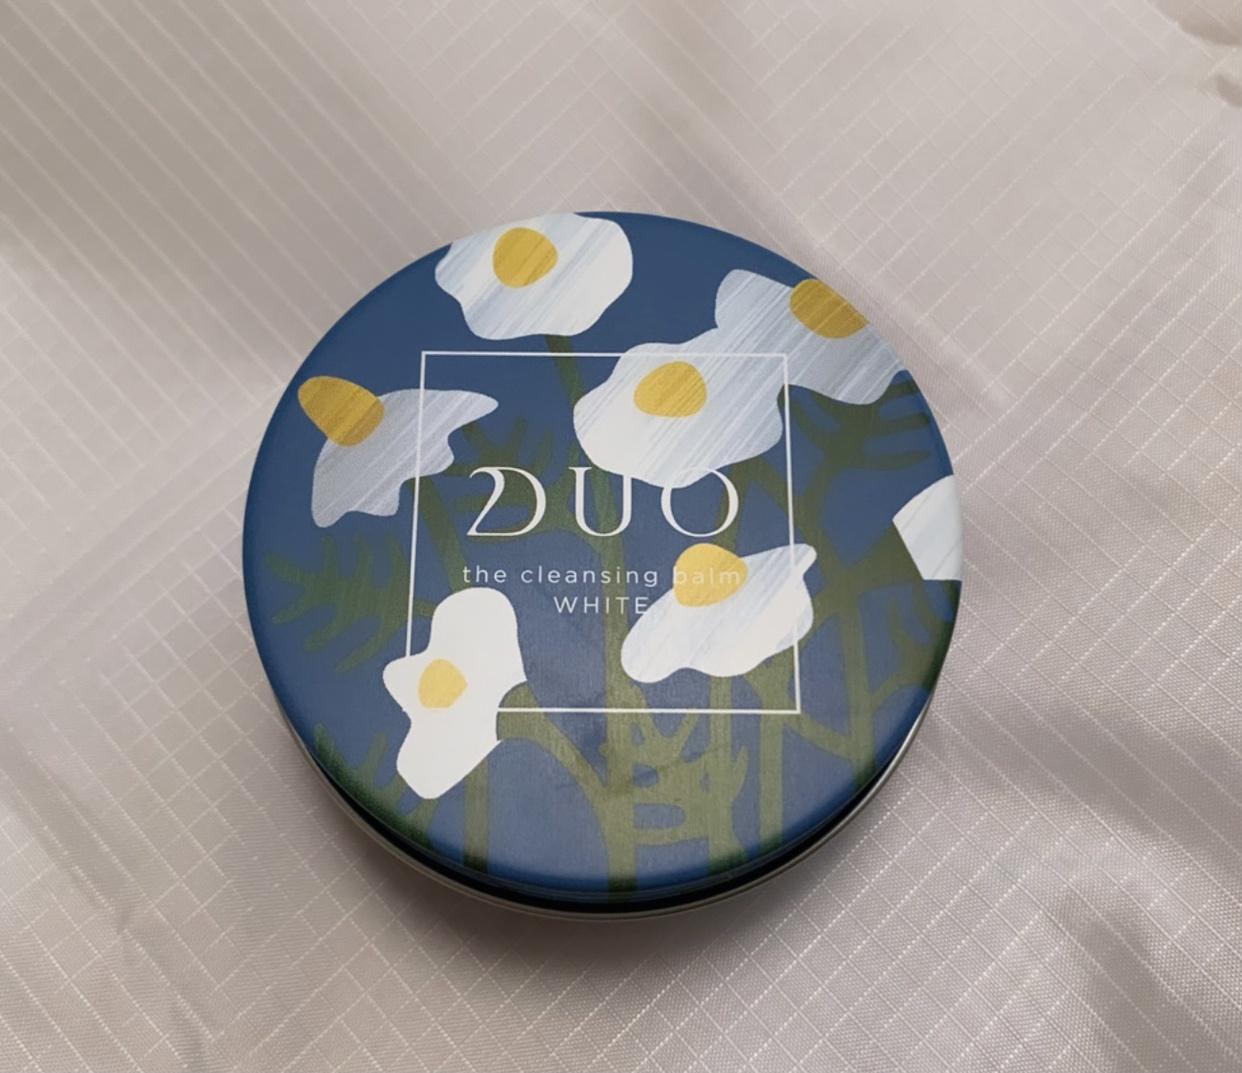 DUO(デュオ) ザ クレンジングバーム ホワイトの良い点・メリットに関するnatsumiさんの口コミ画像1